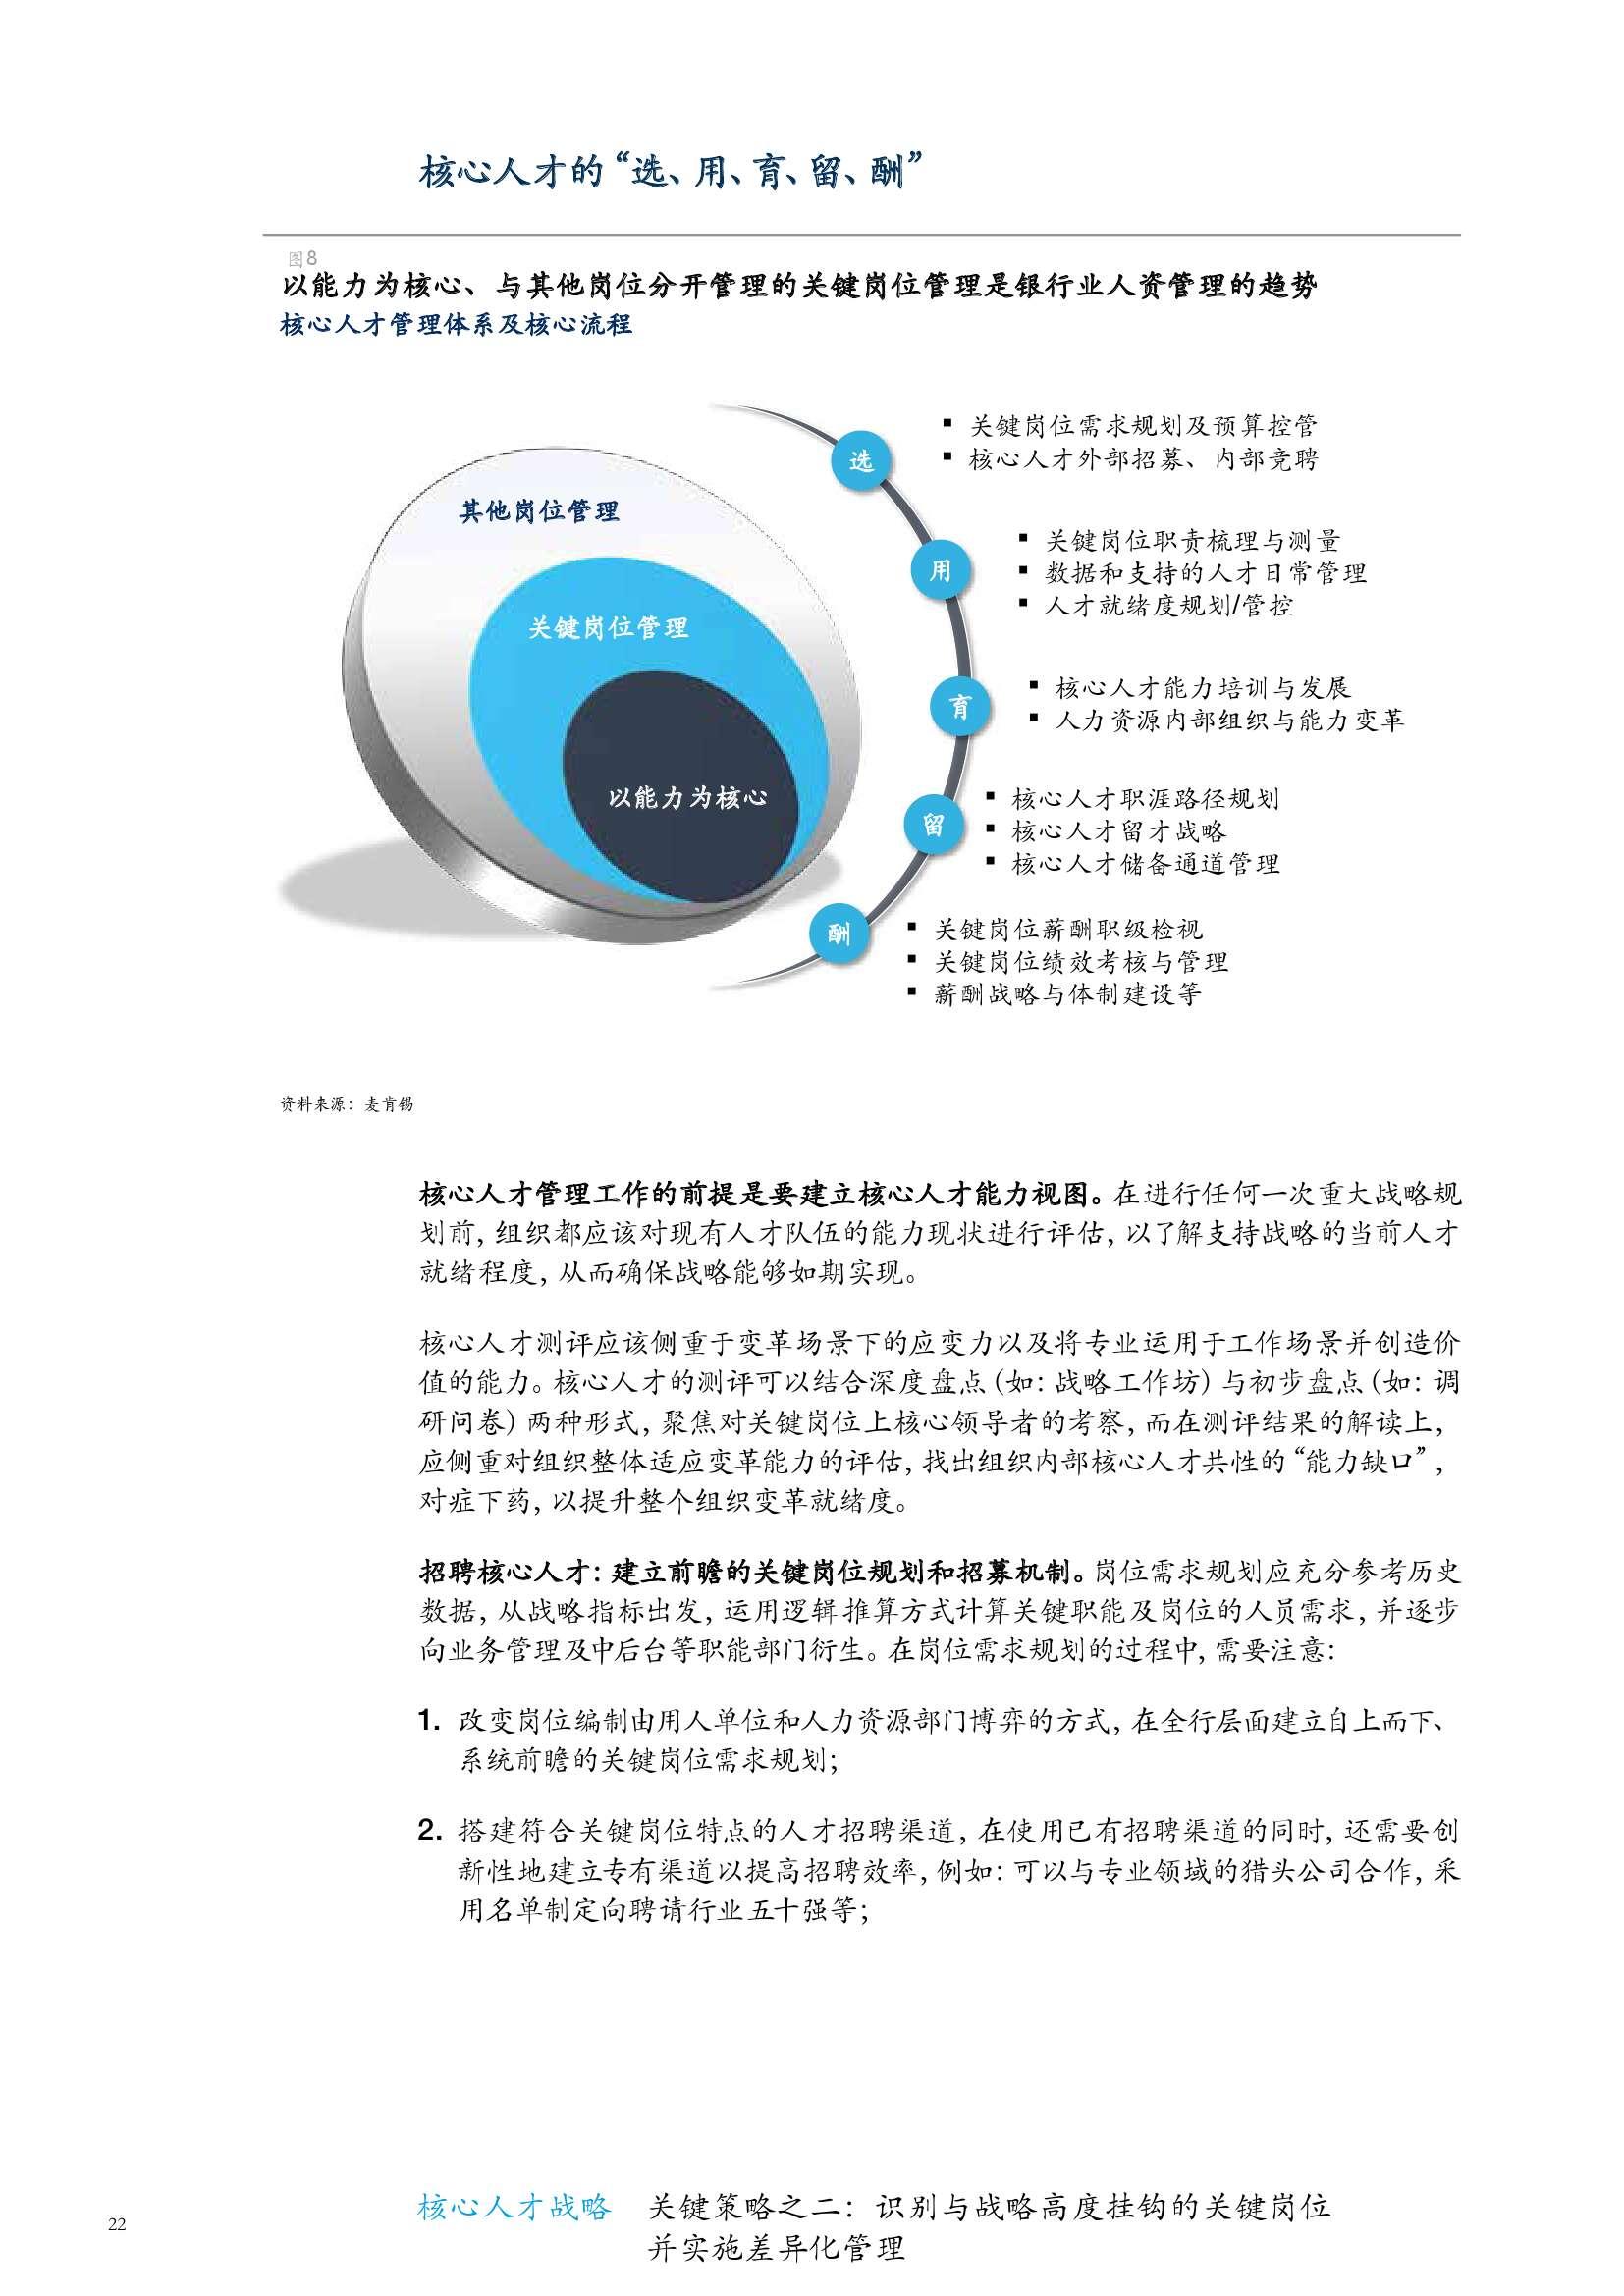 中国银行行业白皮书--核心人才战略4_000028